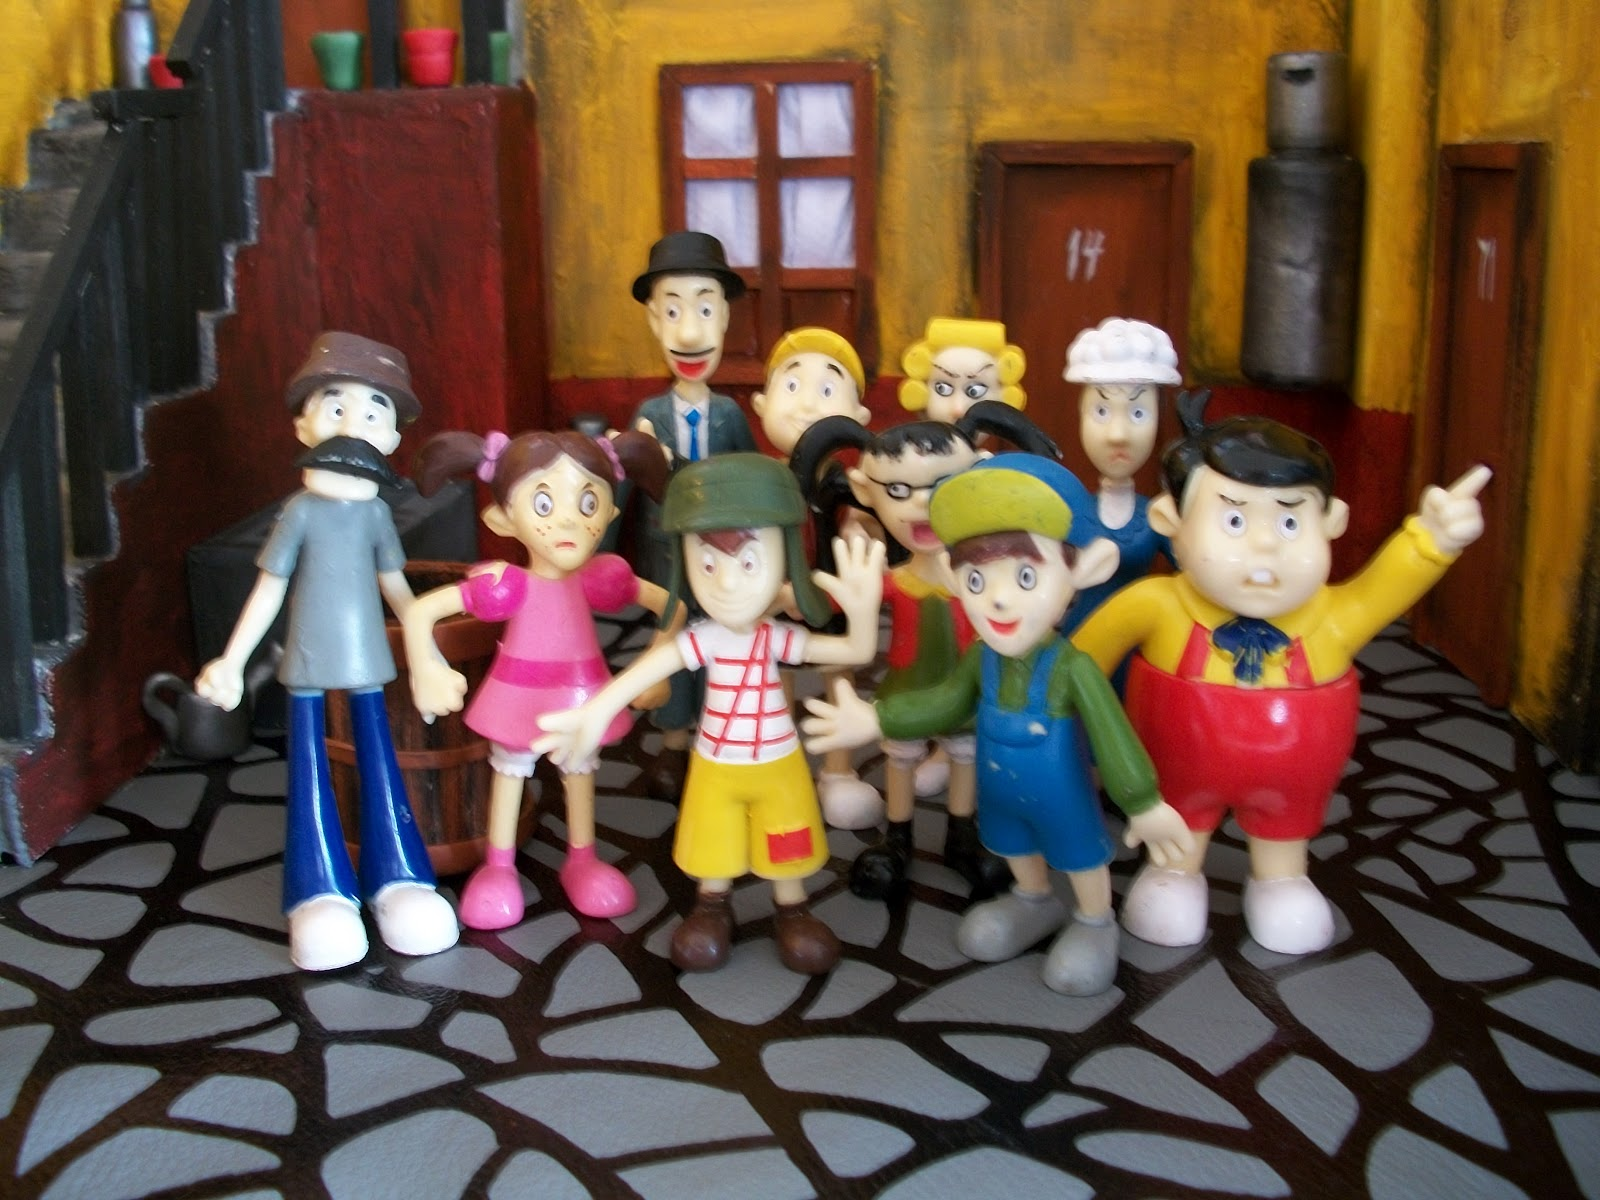 BRUJOLANDIA juguetes de epoca: muñecos de goma de la vecindad del ...